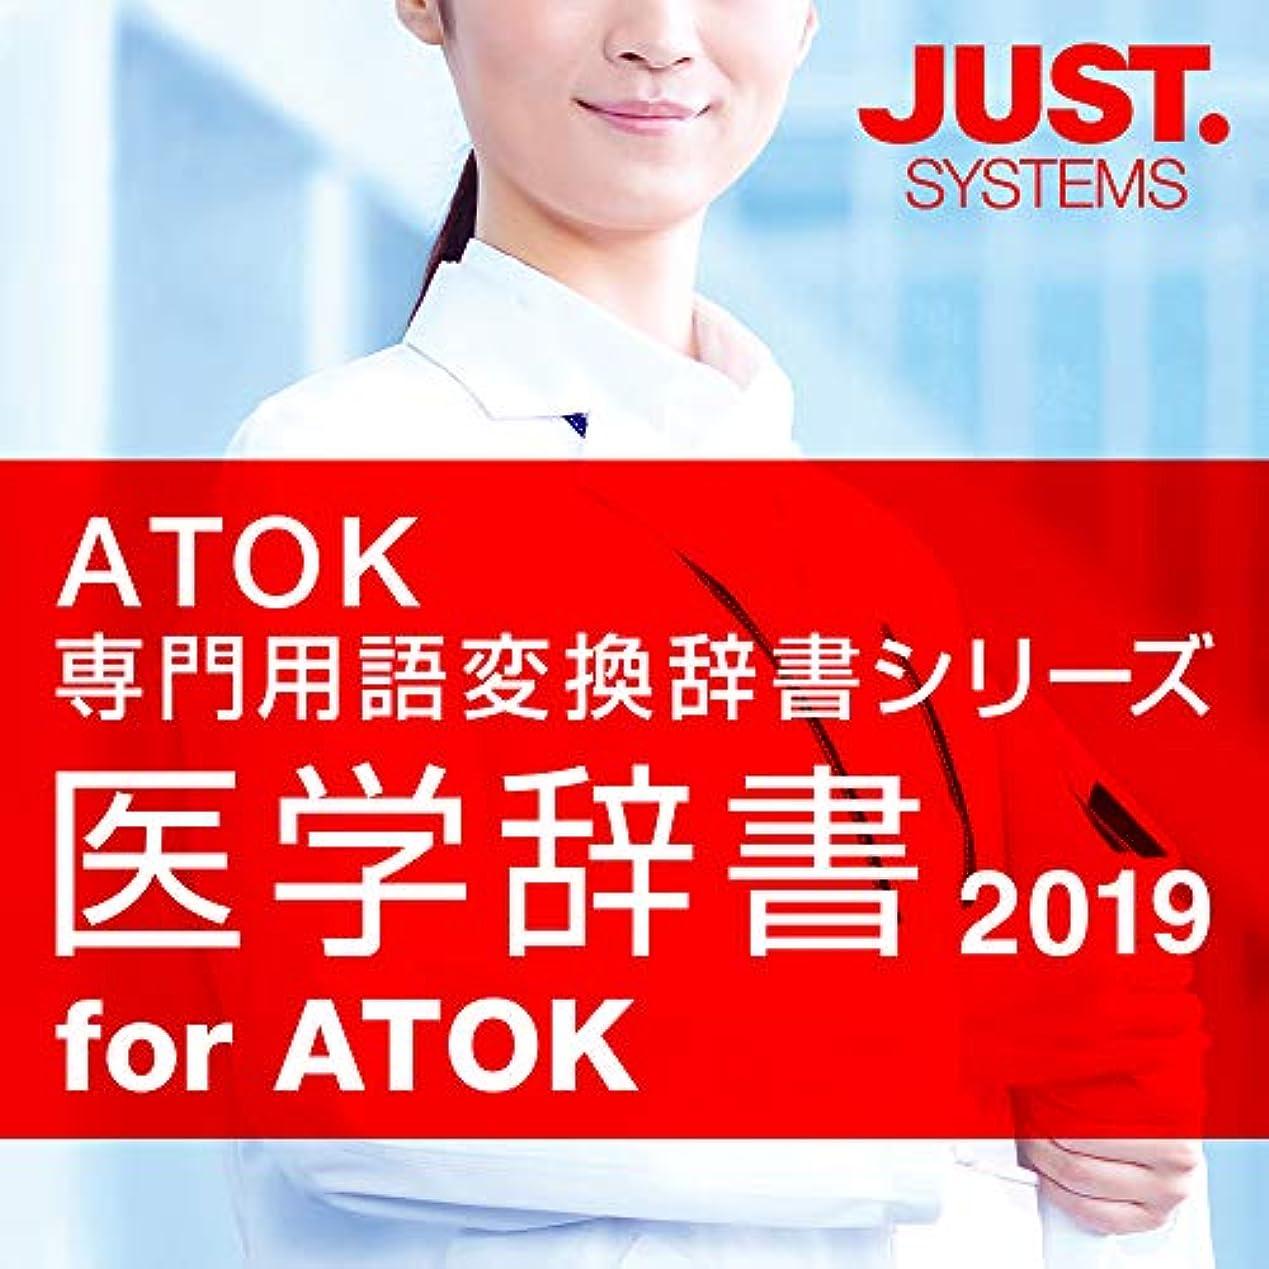 バルコニースケート息を切らして医学辞書2019 for ATOK 通常版|ダウンロード版